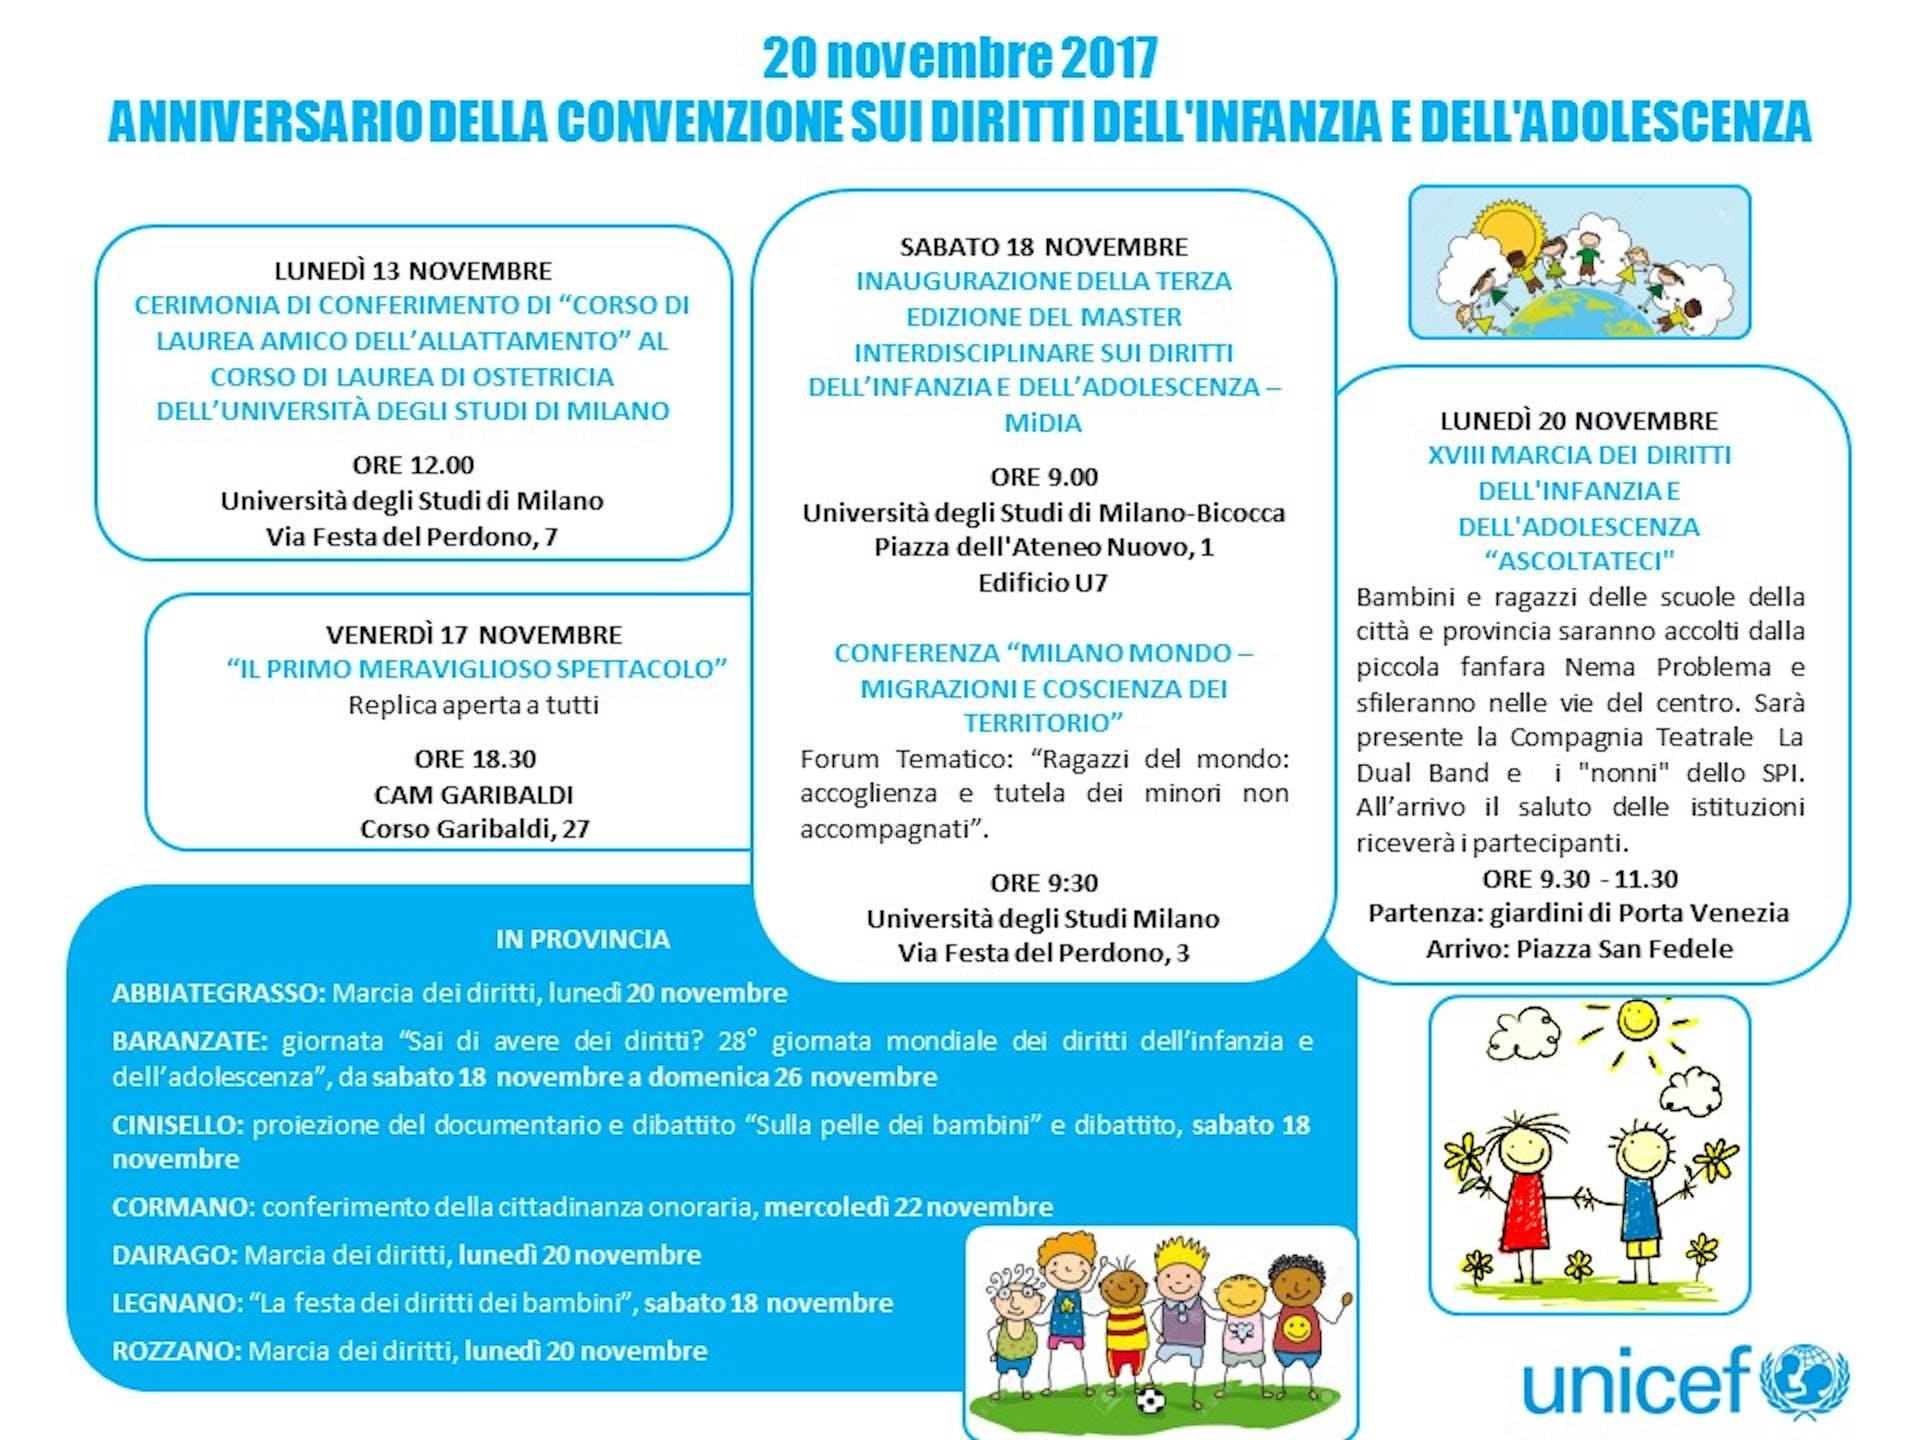 Scopri gli eventi per la Giornata Mondiale dell'Infanzia a Milano